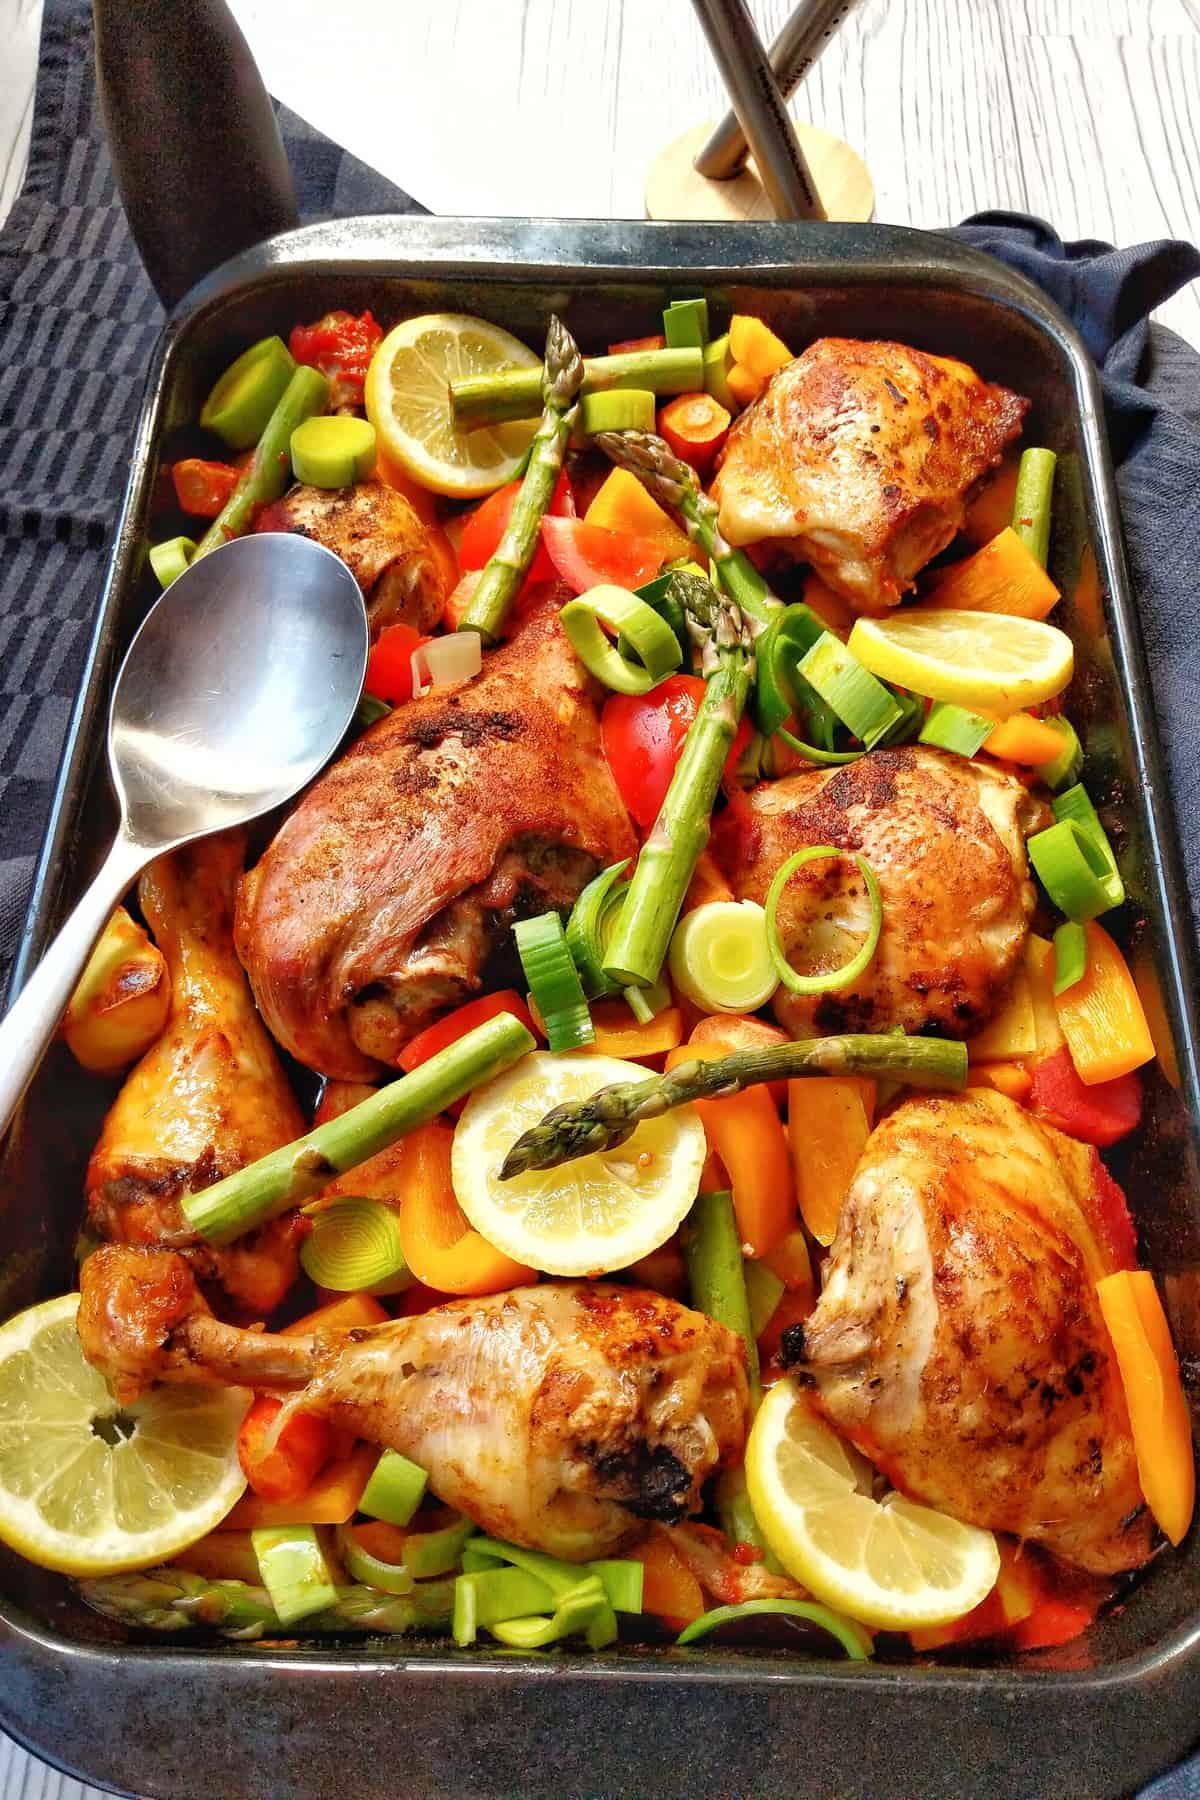 Eine Auflaufform mit Geflügel mit Kartoffeln und Gemüse aus dem Ofen